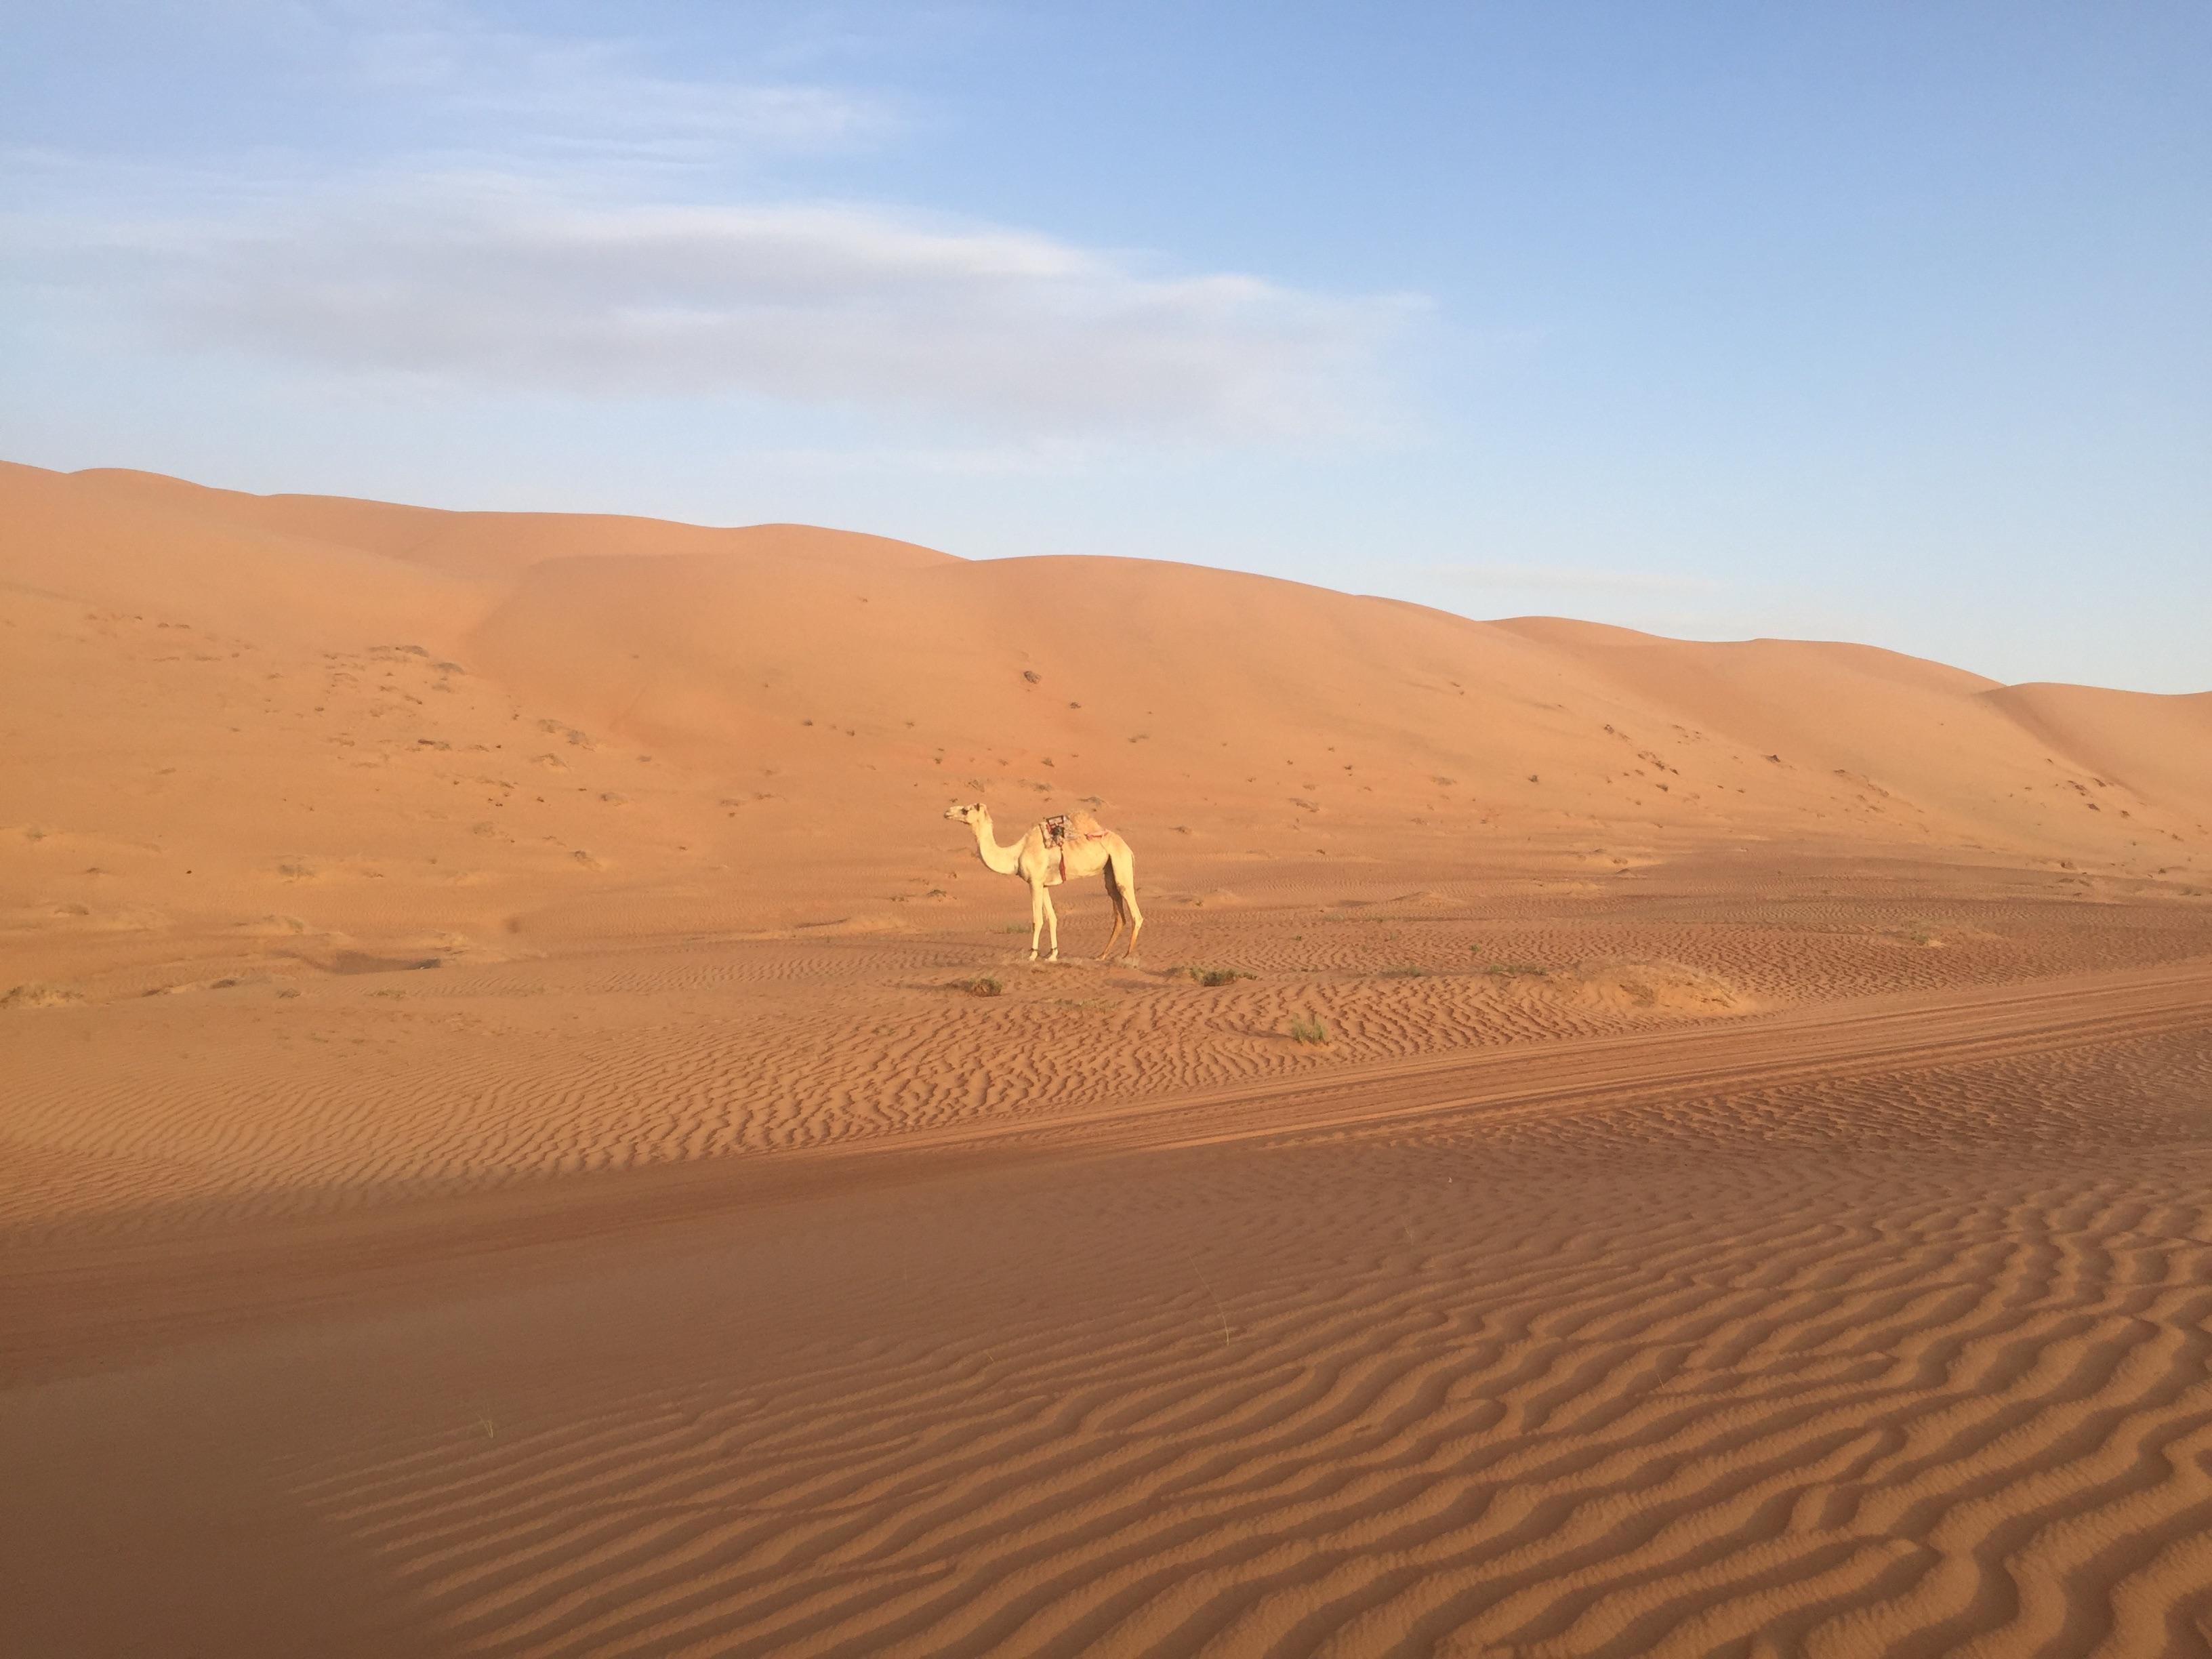 певица, поиск пустыня картинки должны дополнять гармонировать